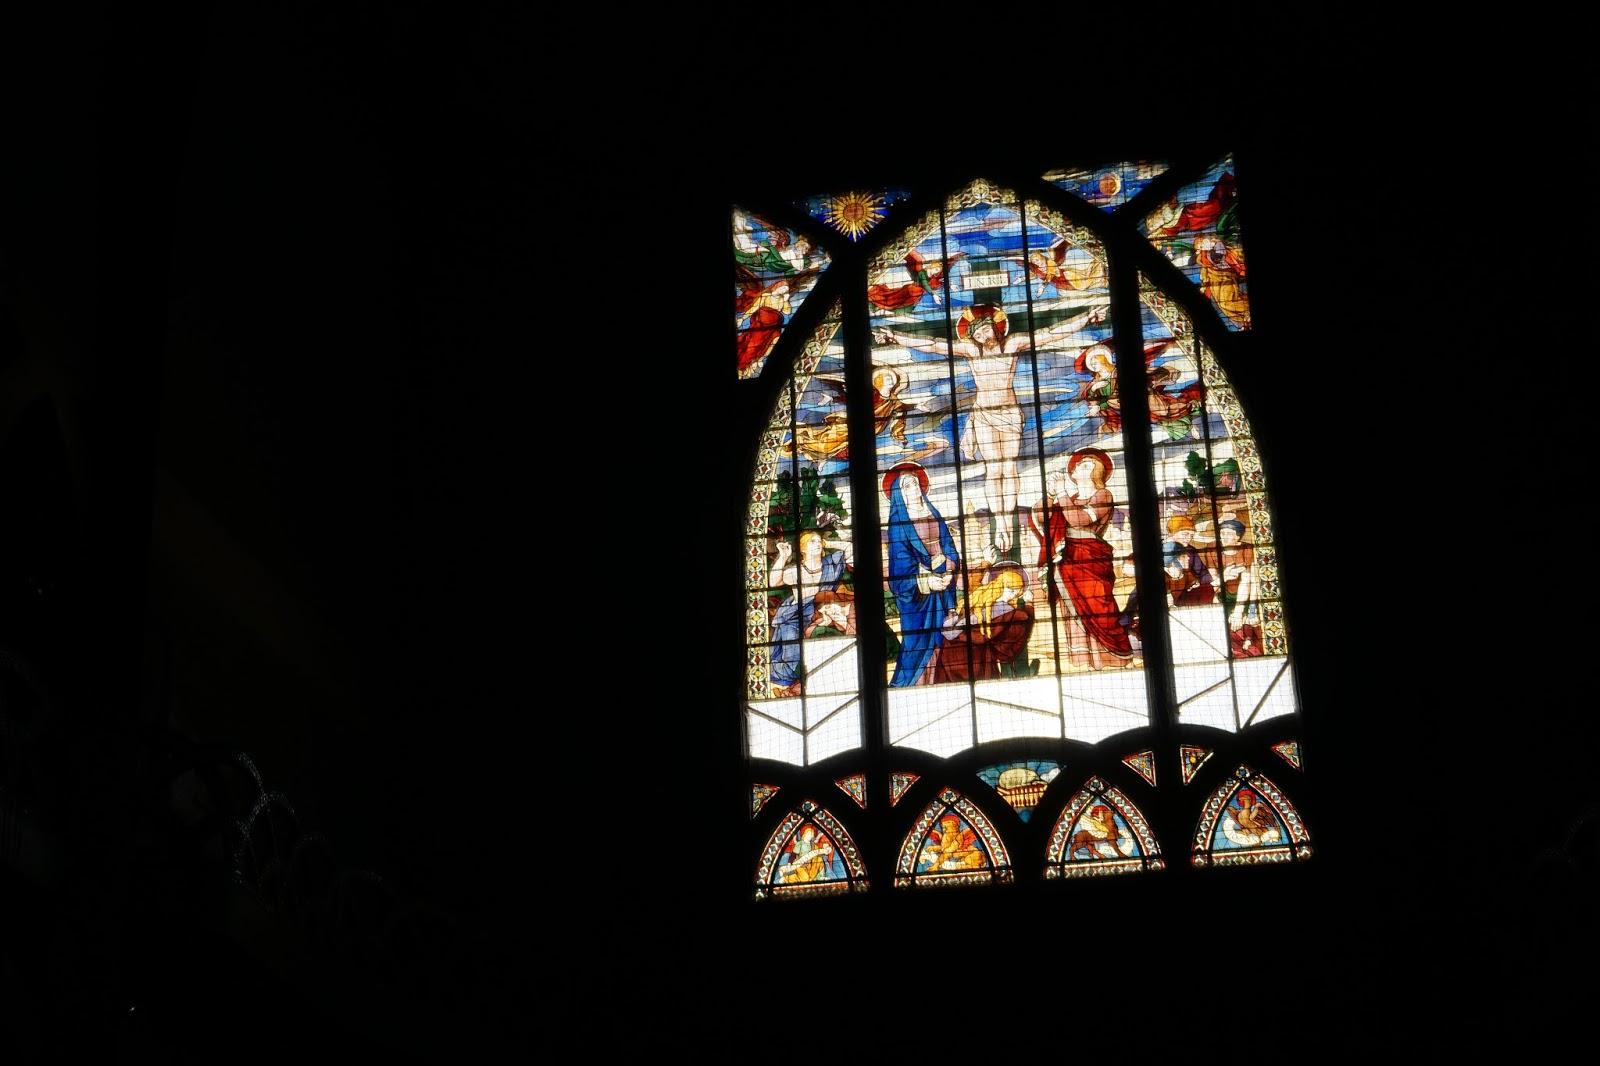 サン=ジャン=ド=モンマルトル教会(Eglise Saint-Jean de Montmartre)